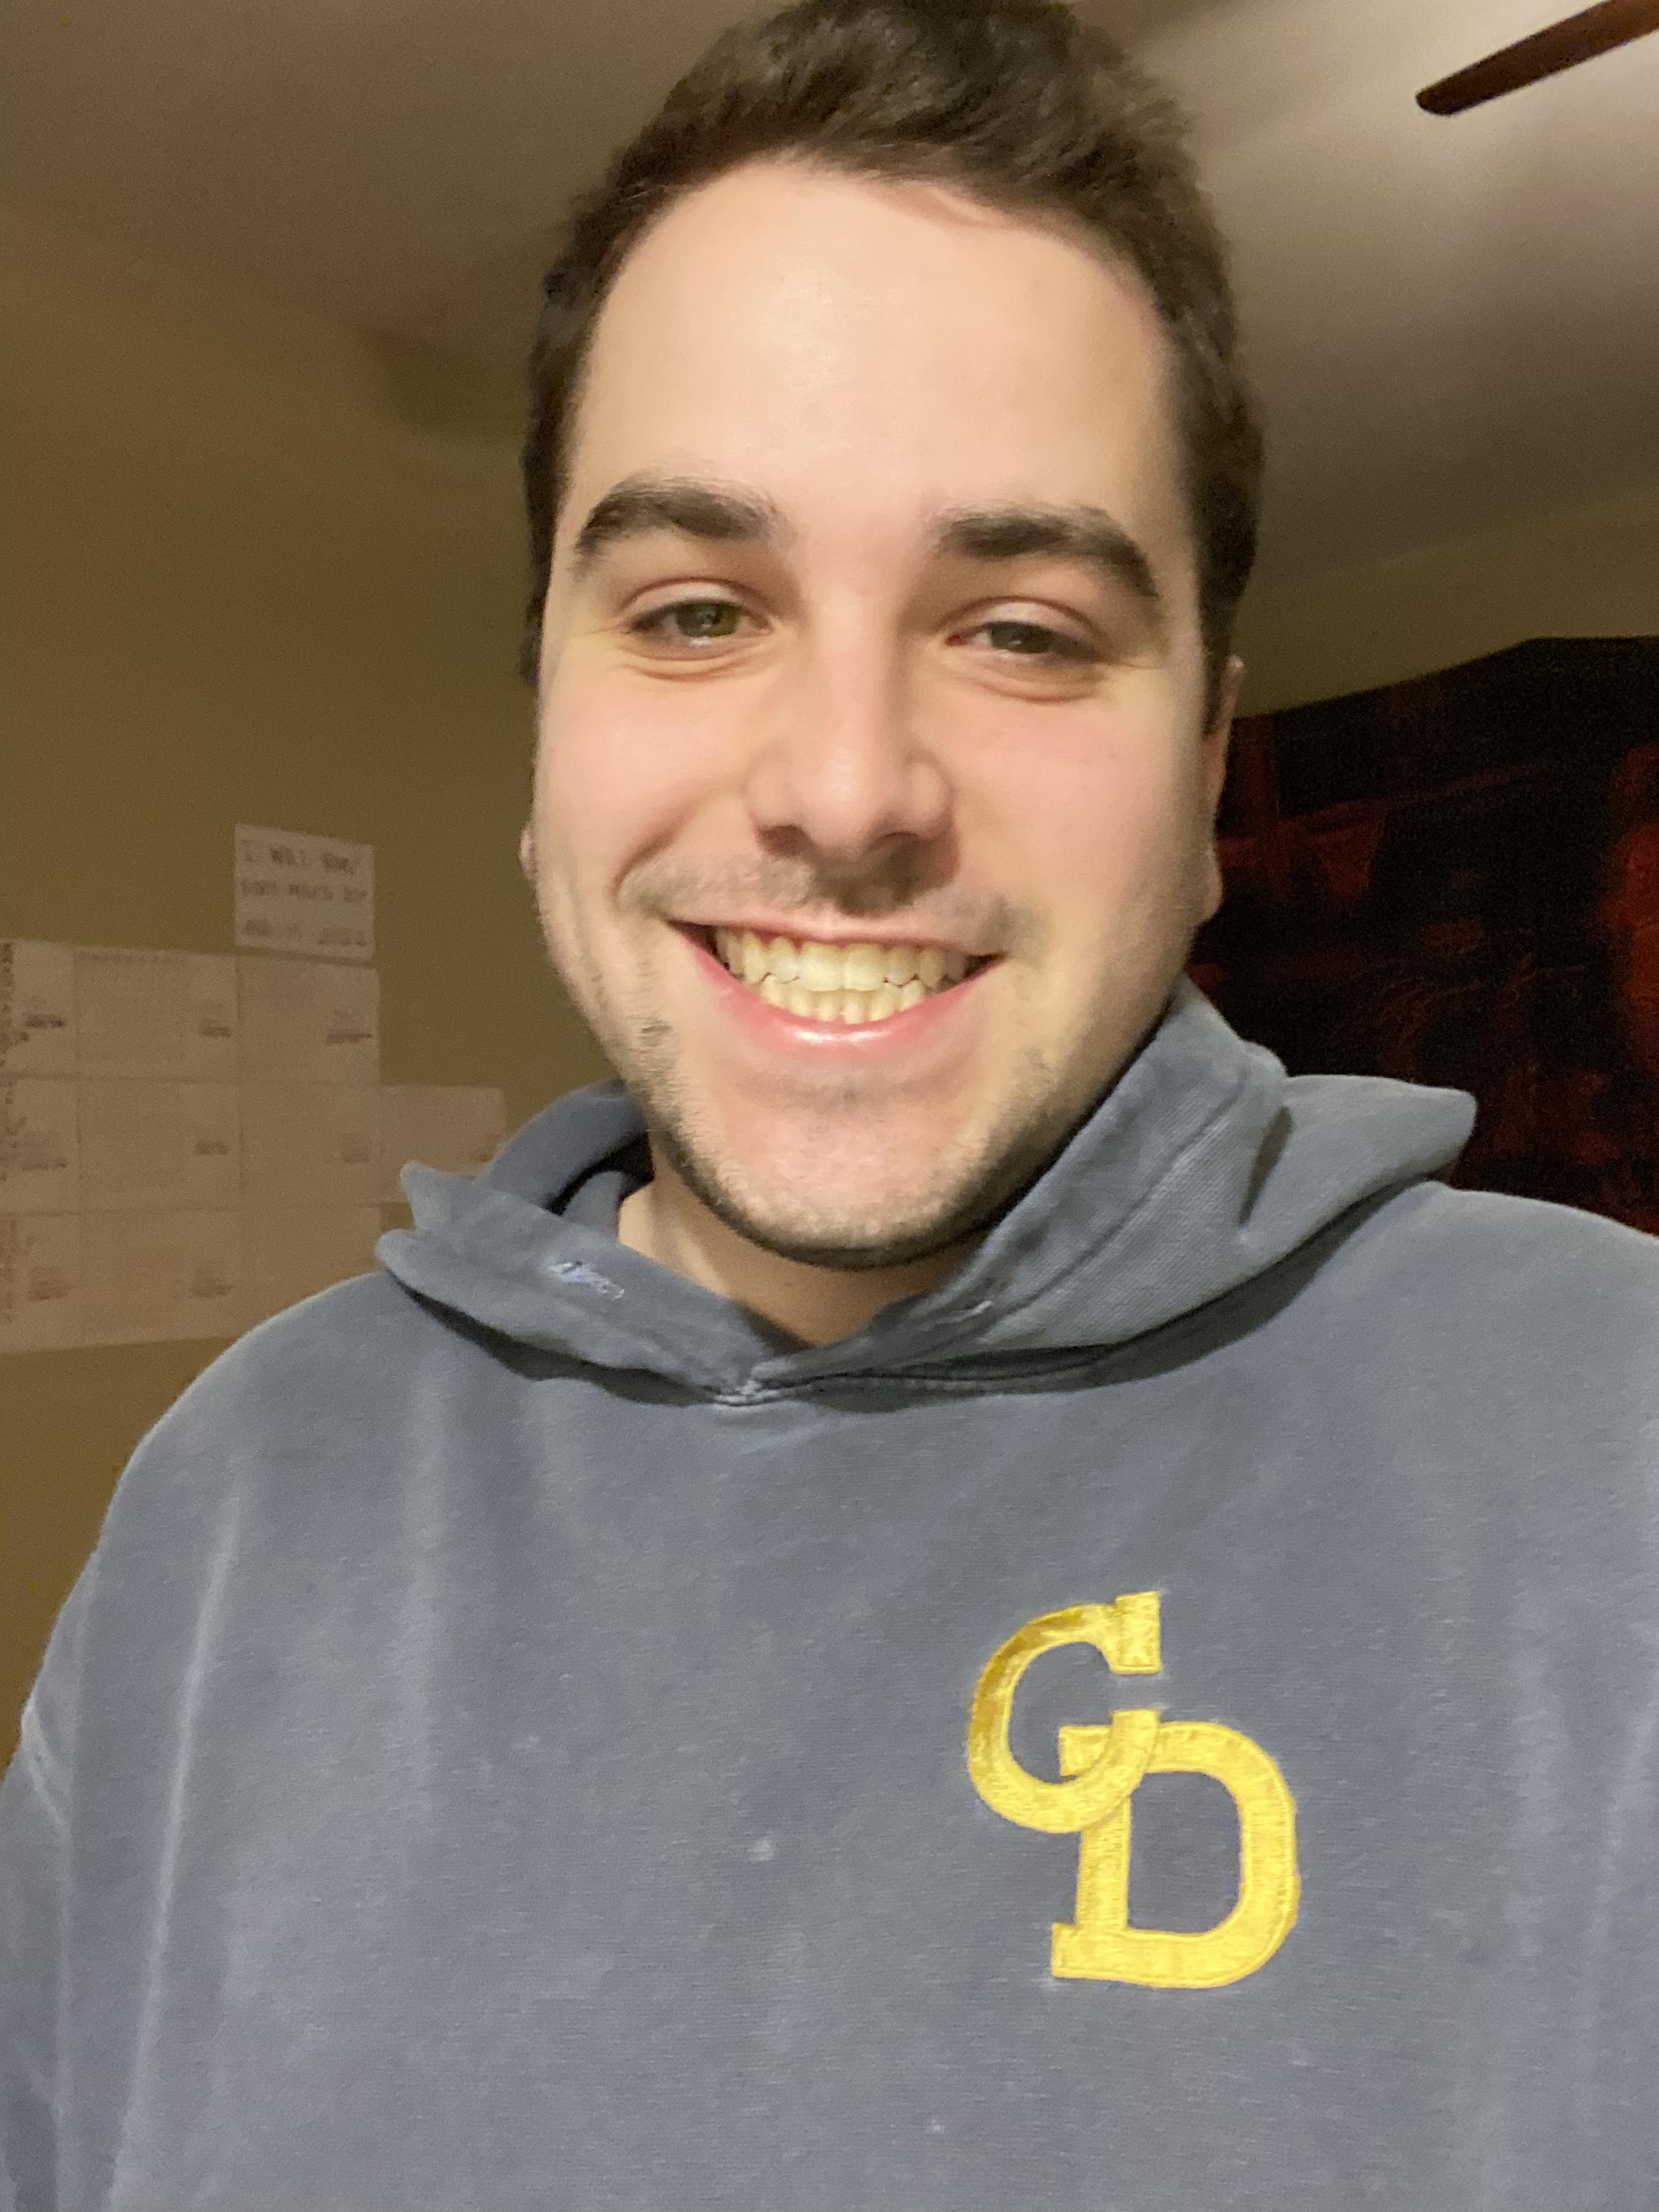 @joshyboy profile image